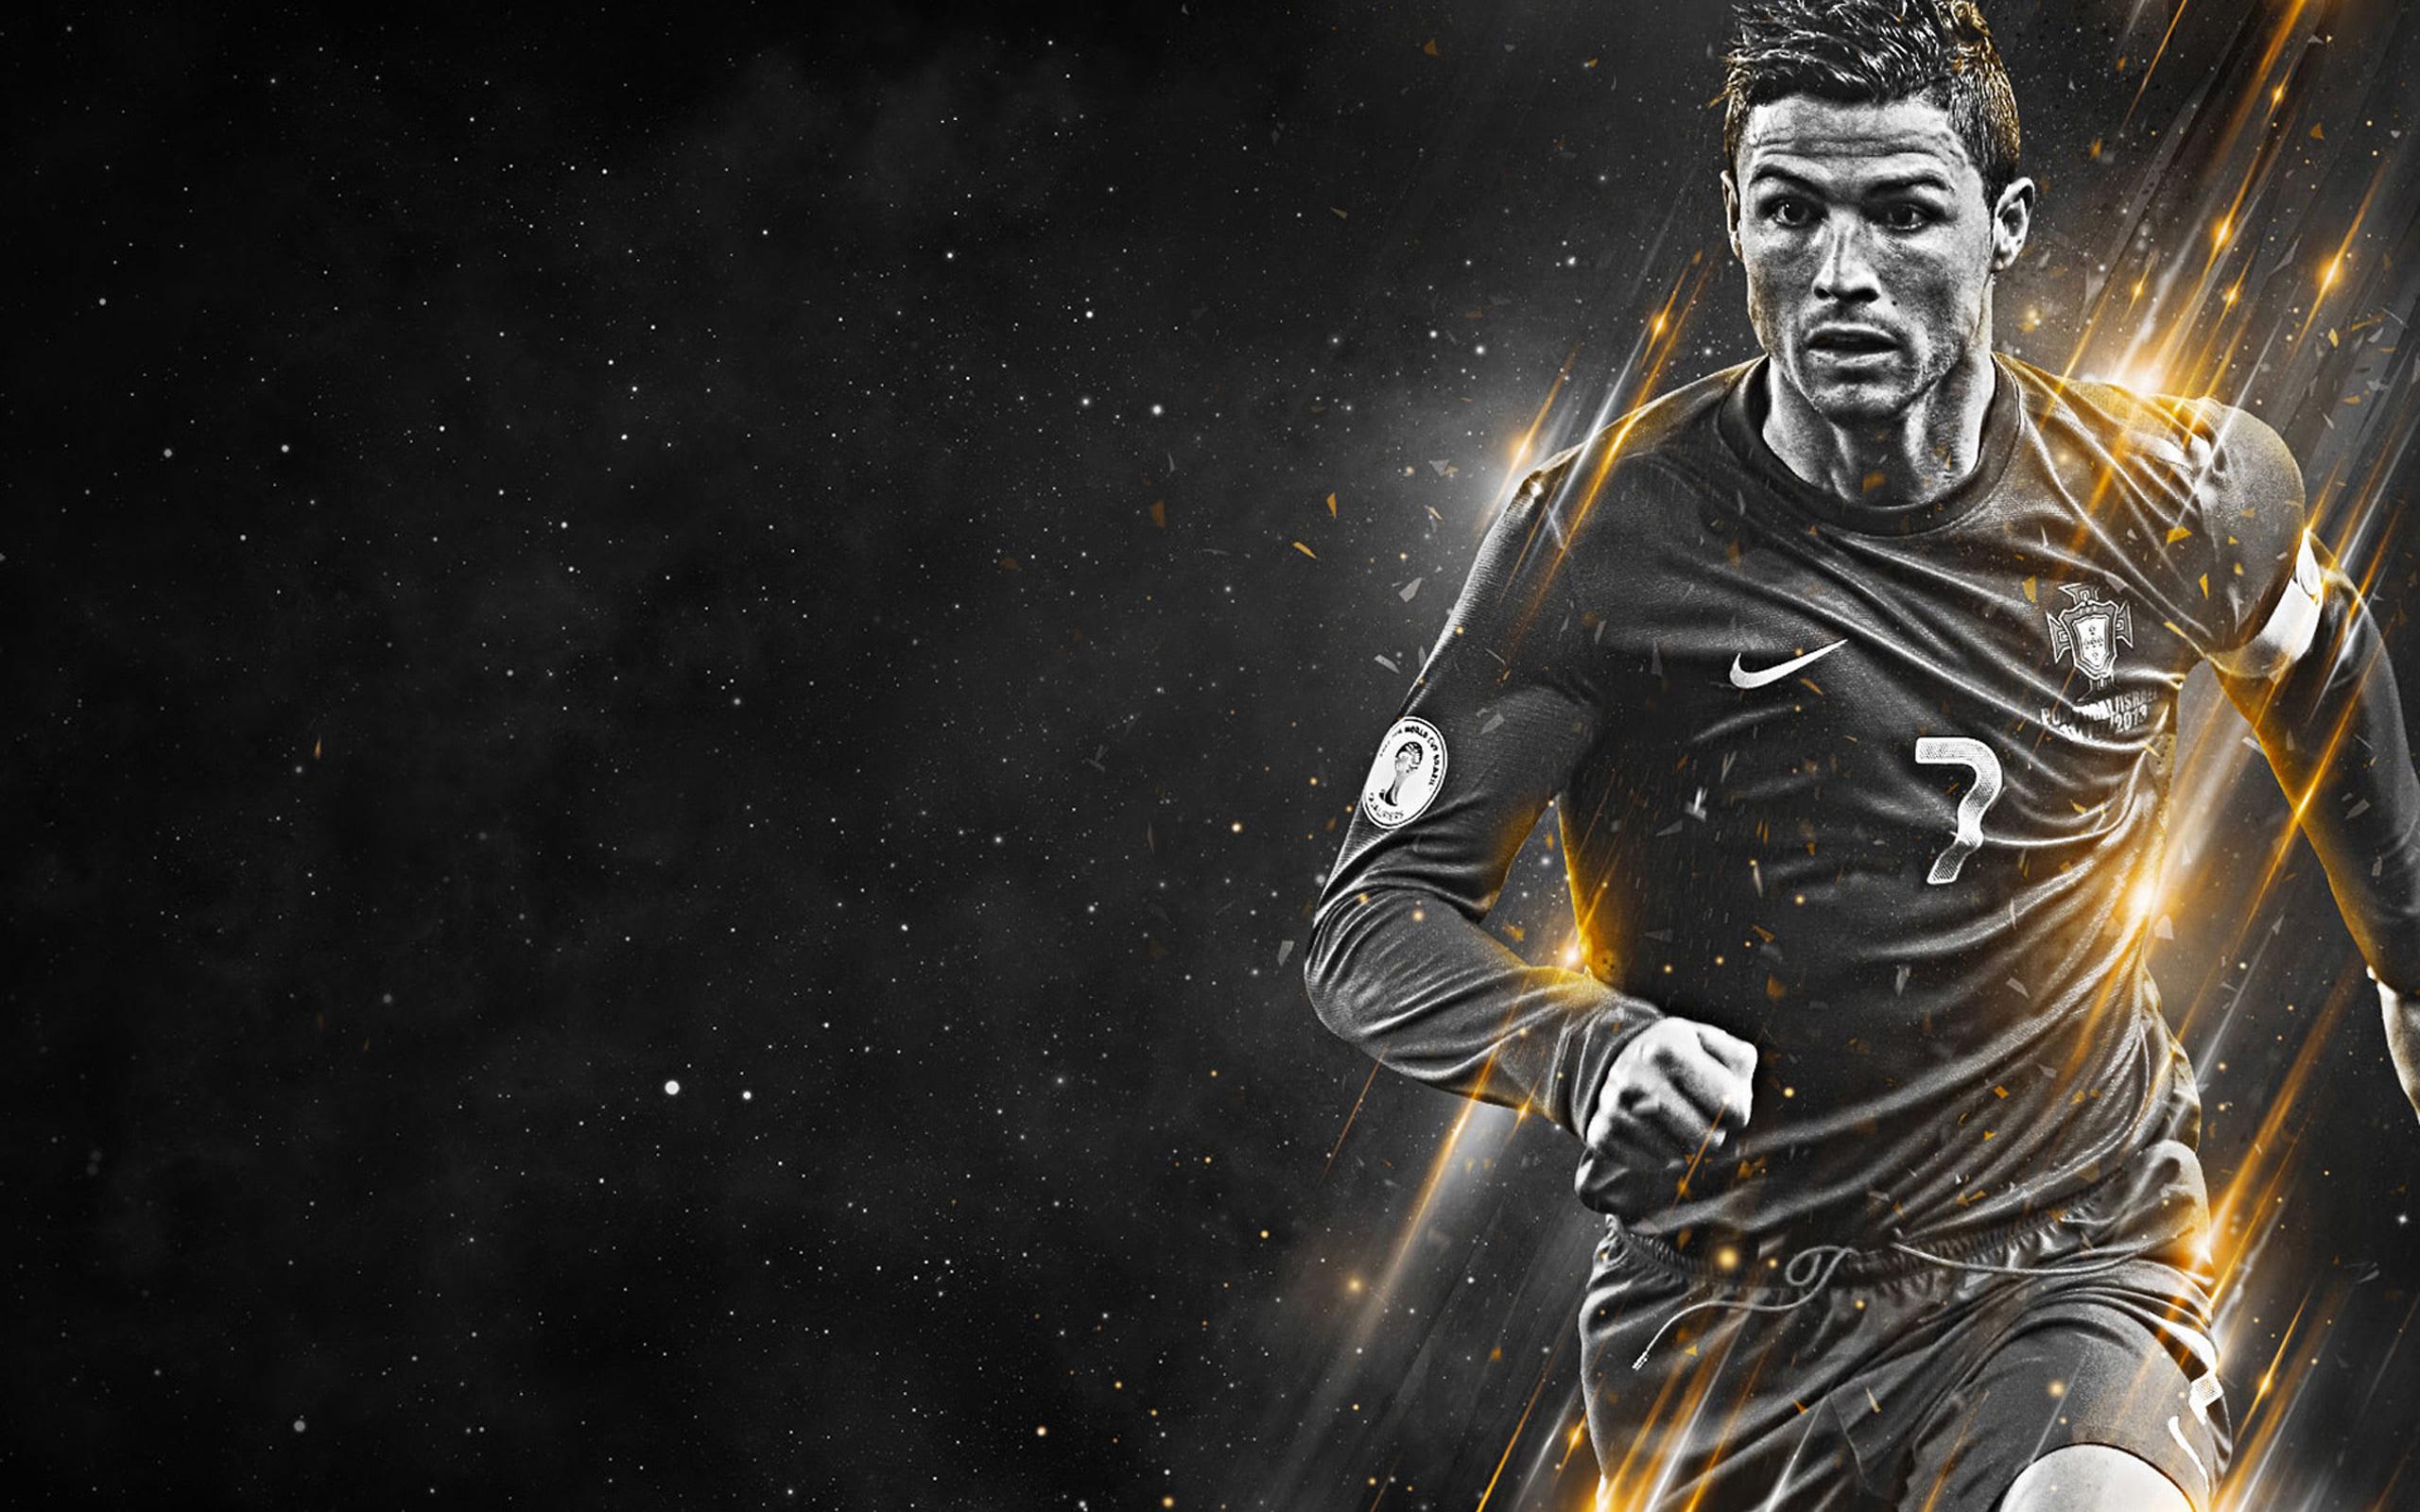 Cristiano Ronaldo black and white wallpaper   Cristiano Ronaldo 2560x1600